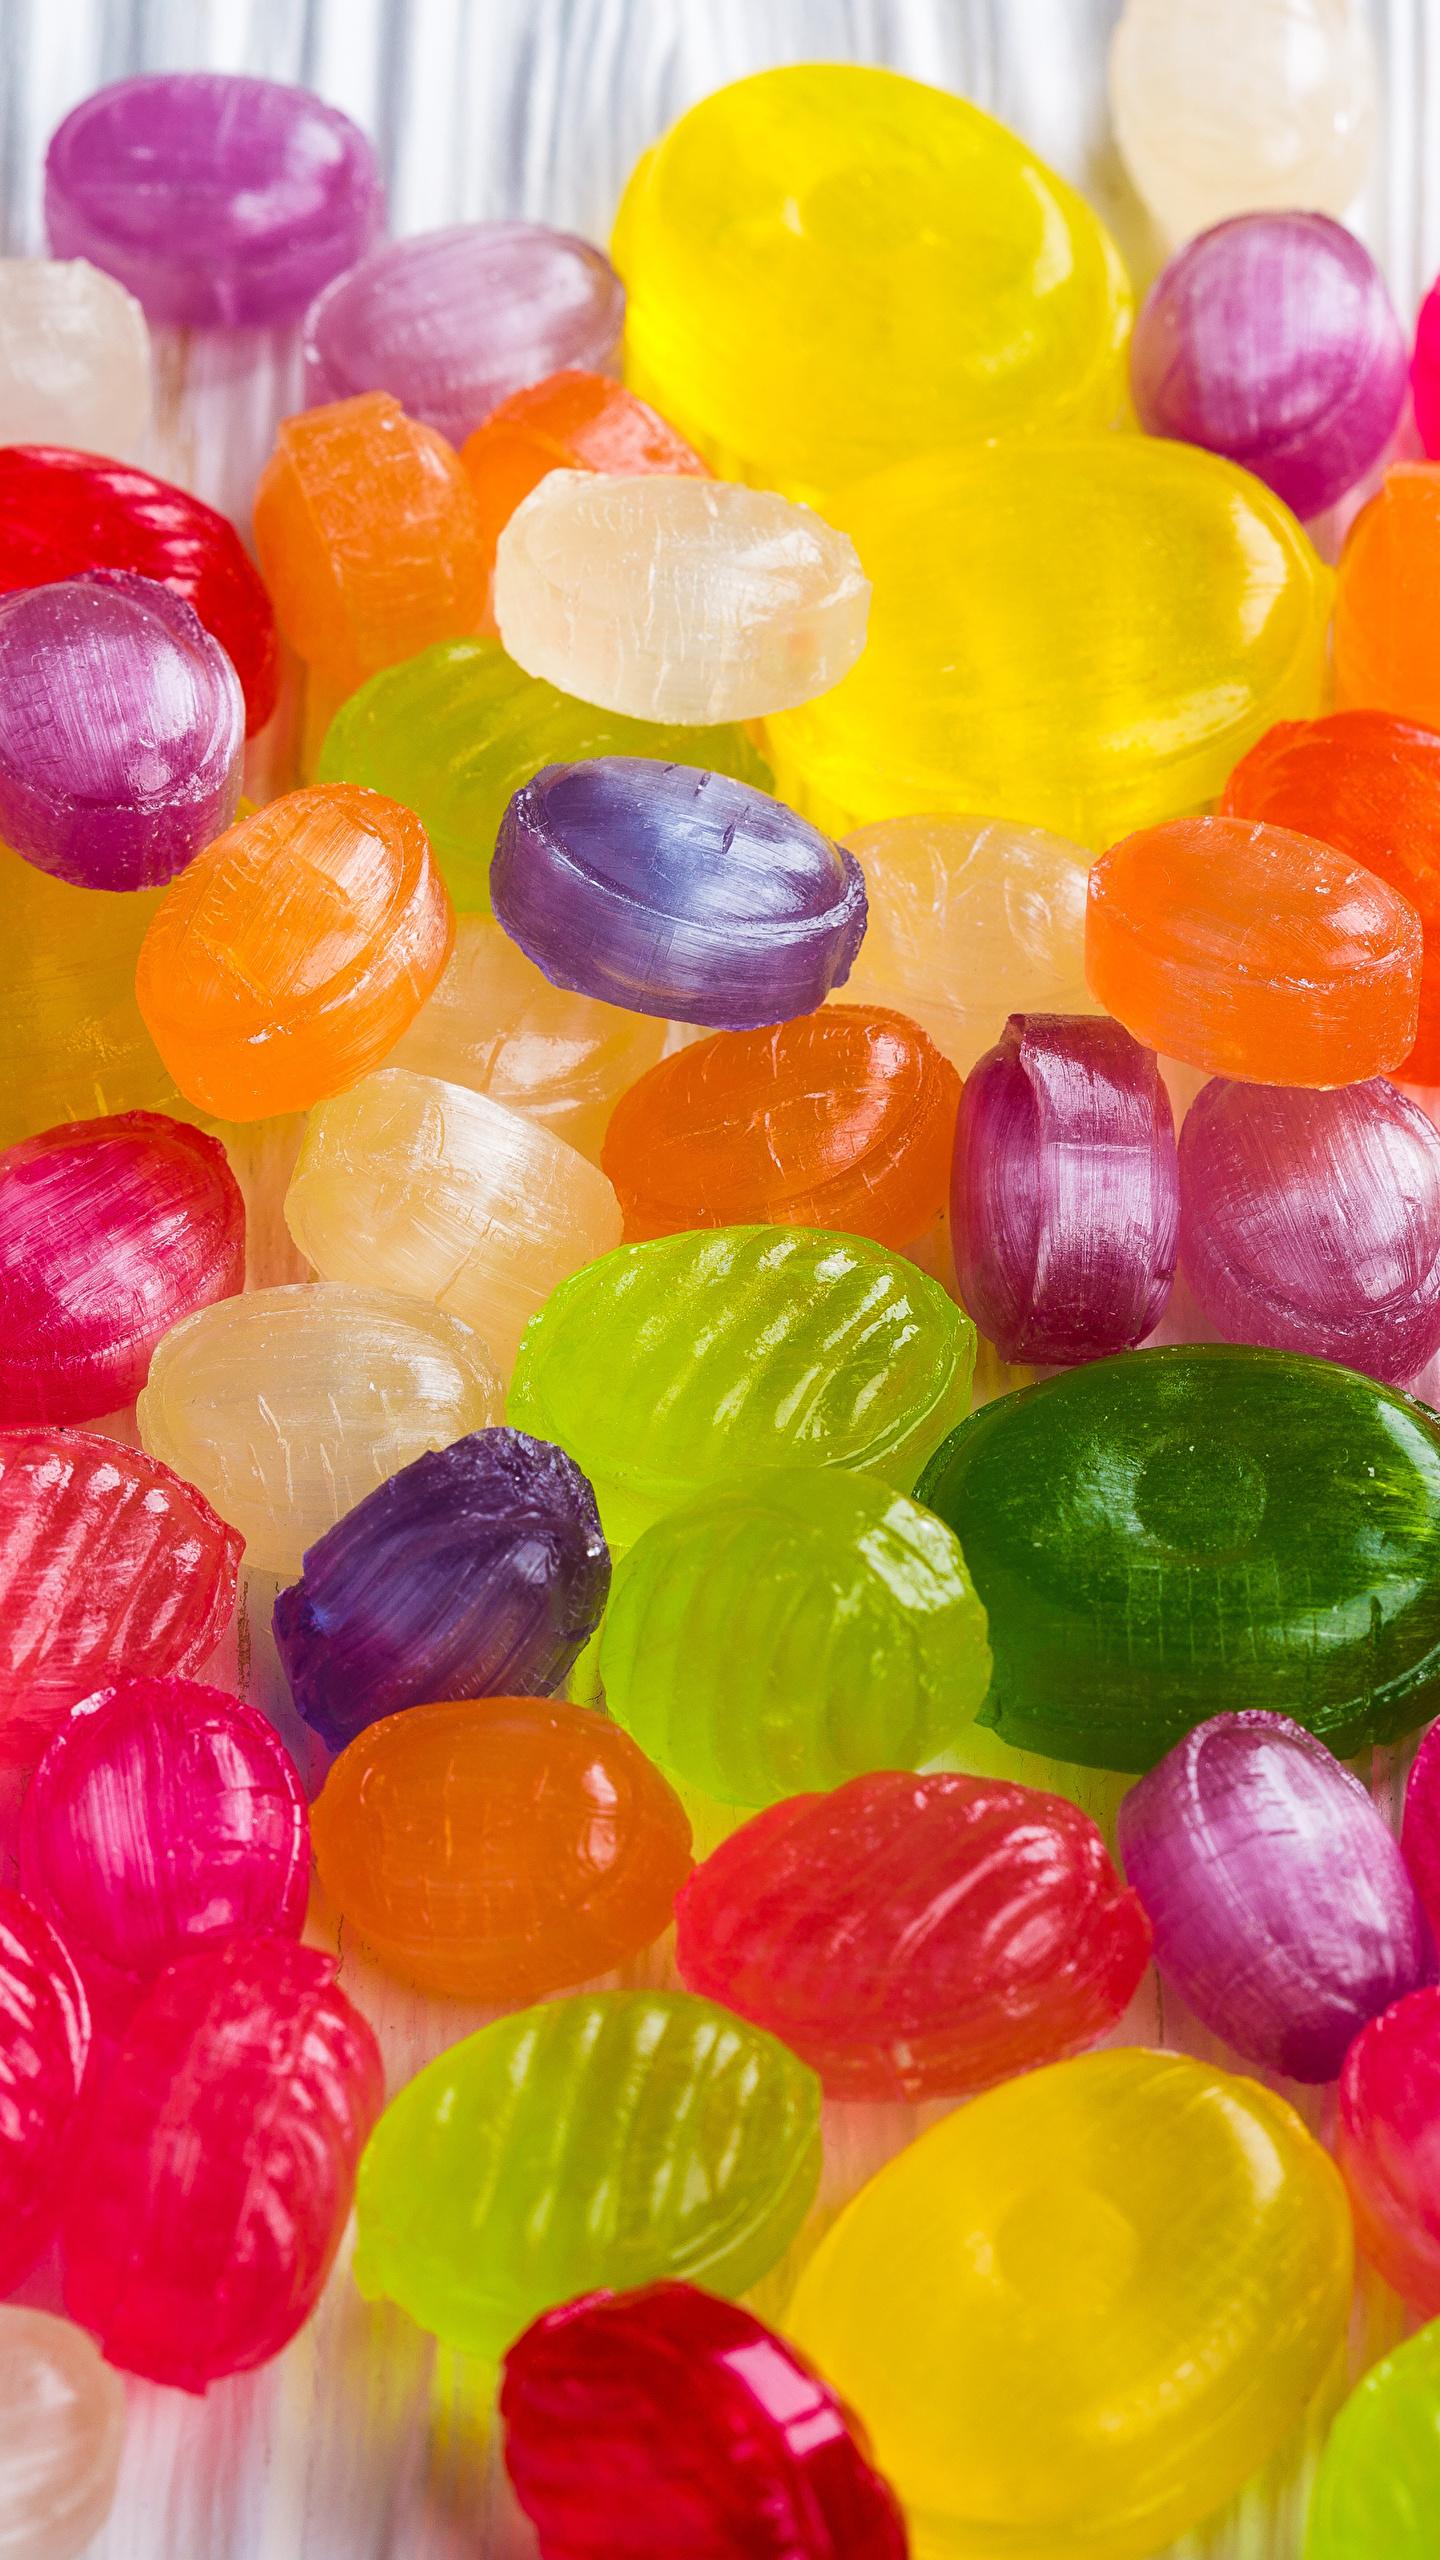 Картинка Разноцветные Конфеты Леденцы Еда Много Сладости 1440x2560 Пища Продукты питания